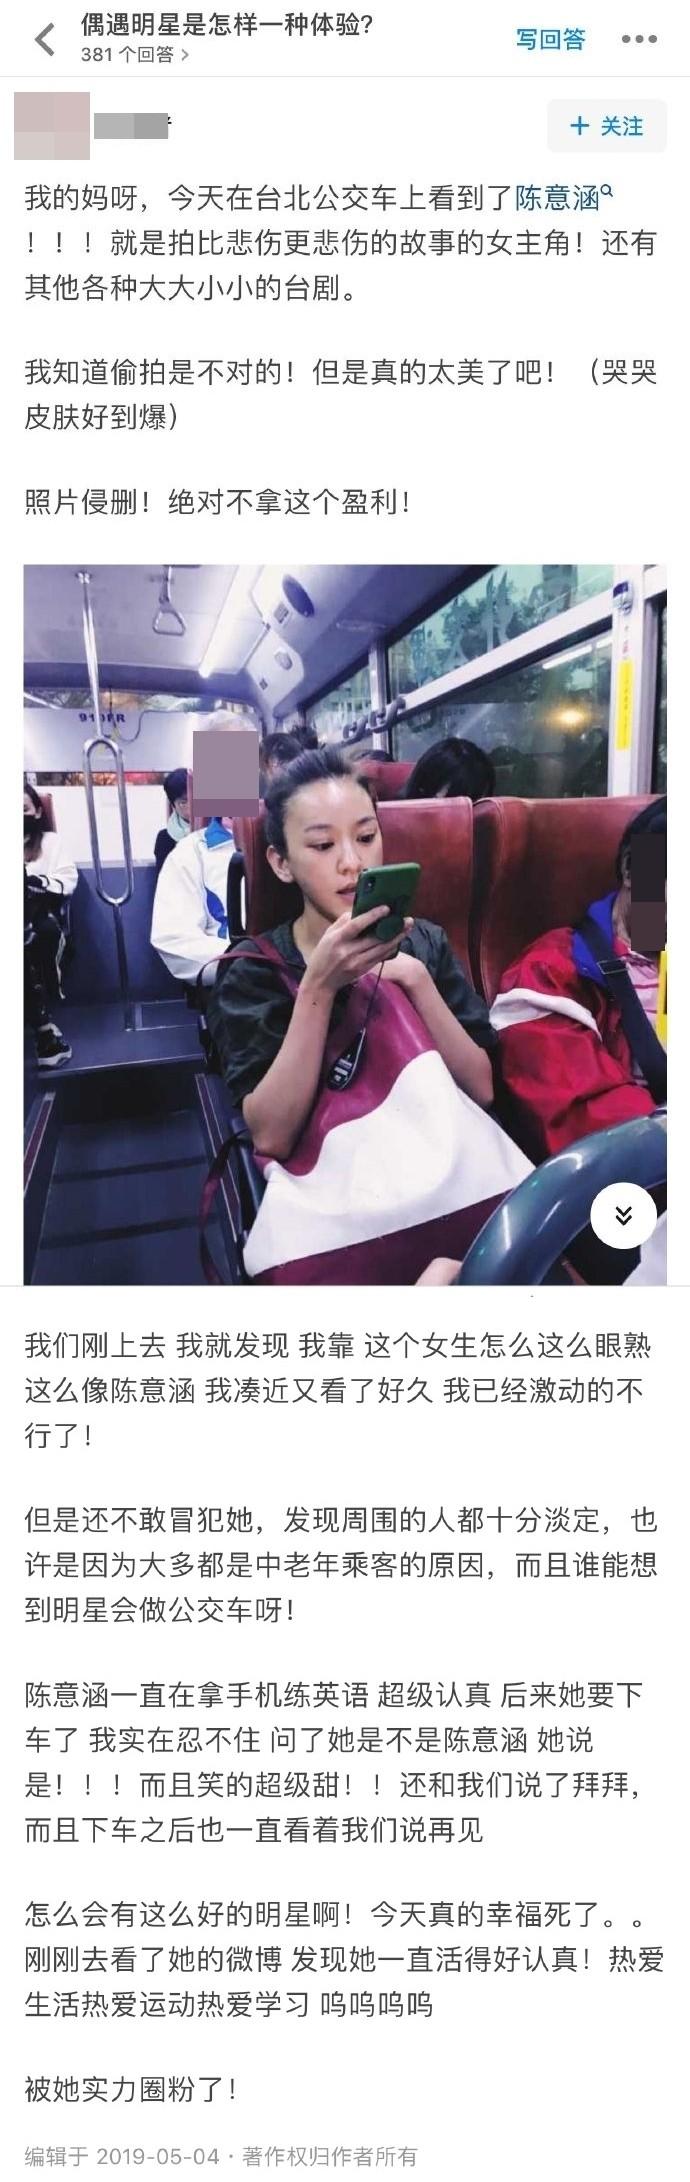 ▲網友公車上偶遇陳意涵。(圖/翻攝自微博)